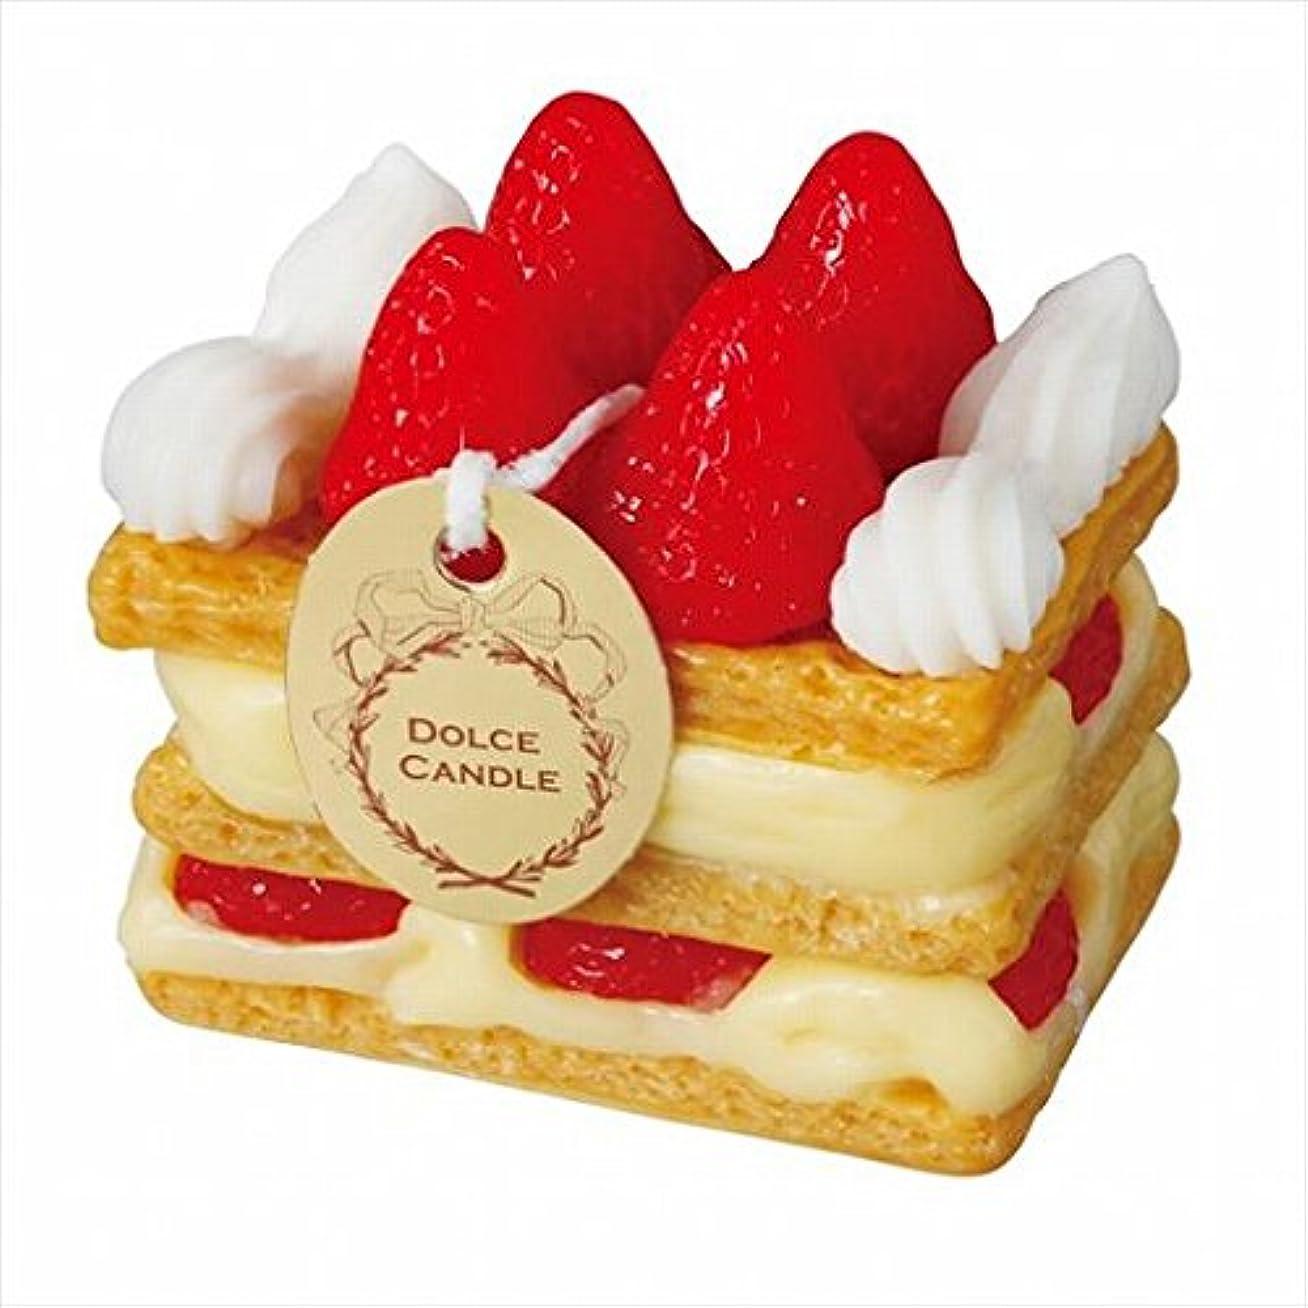 比率公爵スリーブスイーツキャンドル( sweets candle ) ドルチェキャンドル 「 ミルフィーユ 」 キャンドル